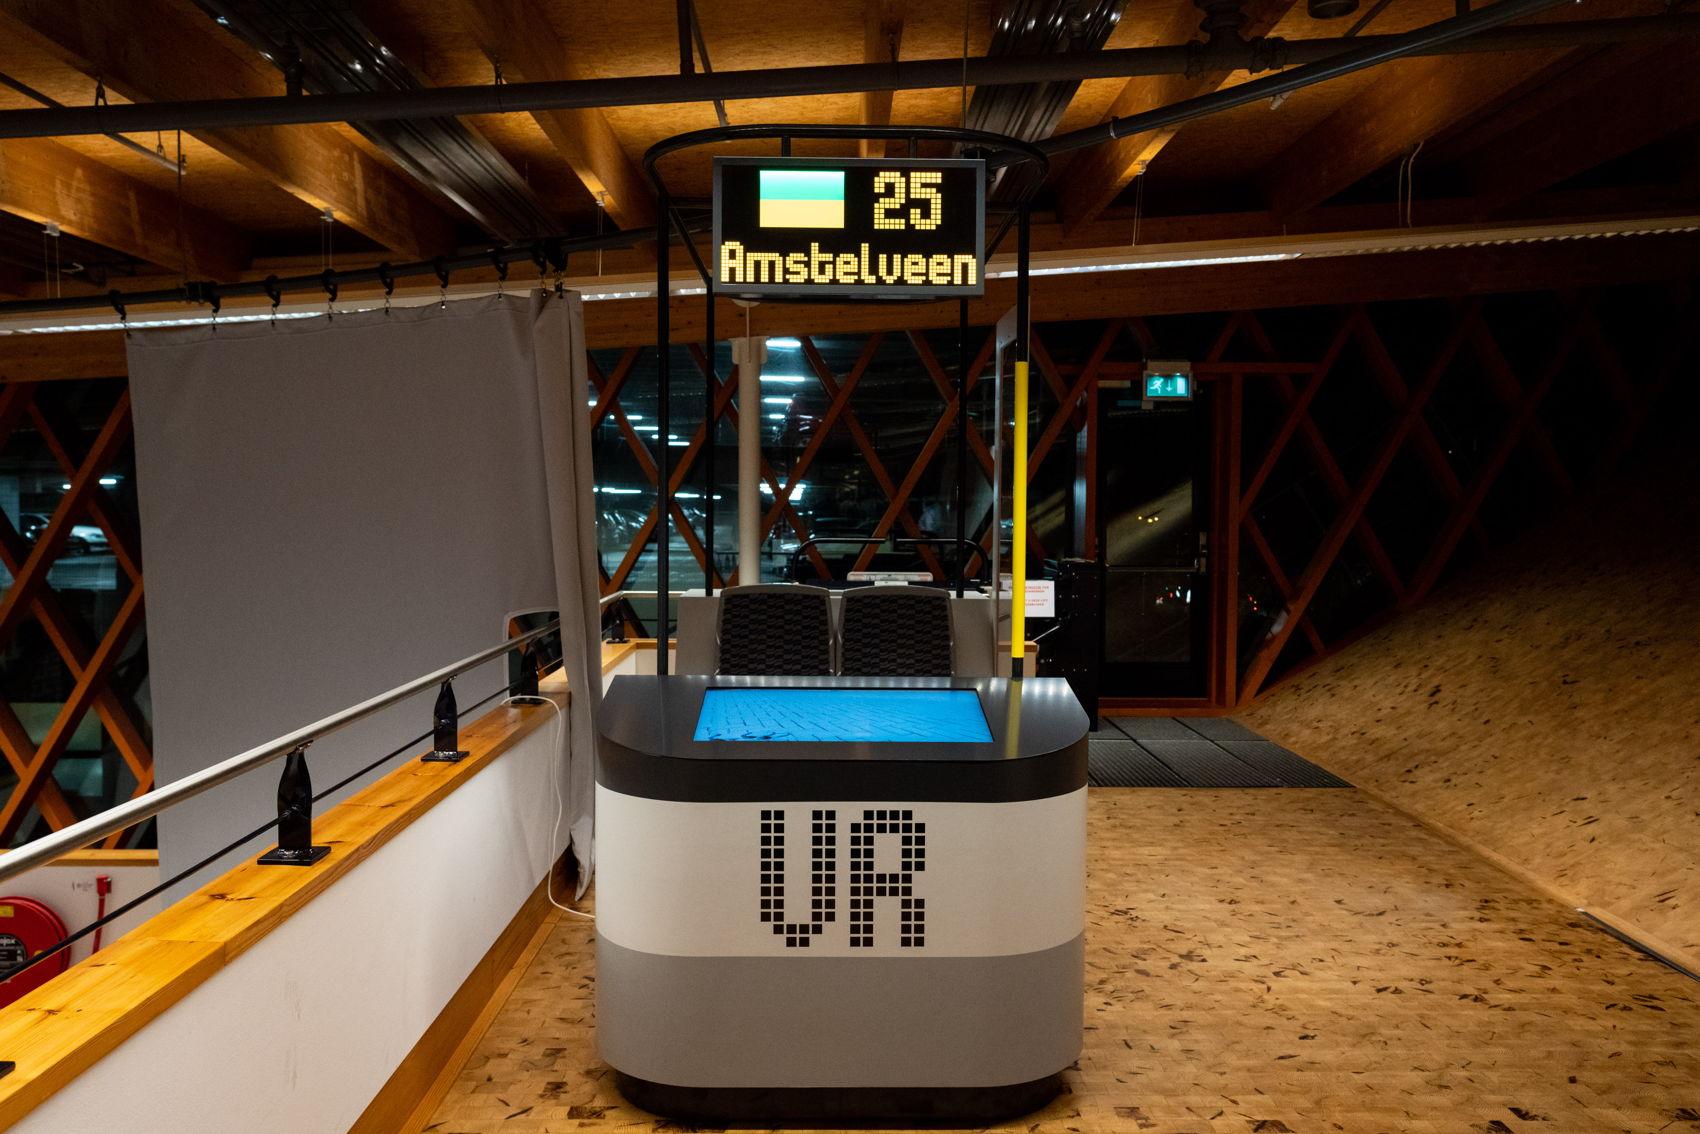 De nieuwste virtual reality beleving in Amstelveen InZicht is geïnspireerd op de nieuwe 15G tram in R-net stijl. Het bankje komt nog uit de 'mock up' van 2017. De lijnkleuren van tram 25 worden trouwens blauw/wit/blauw, net als bij de voormalige tram 25.